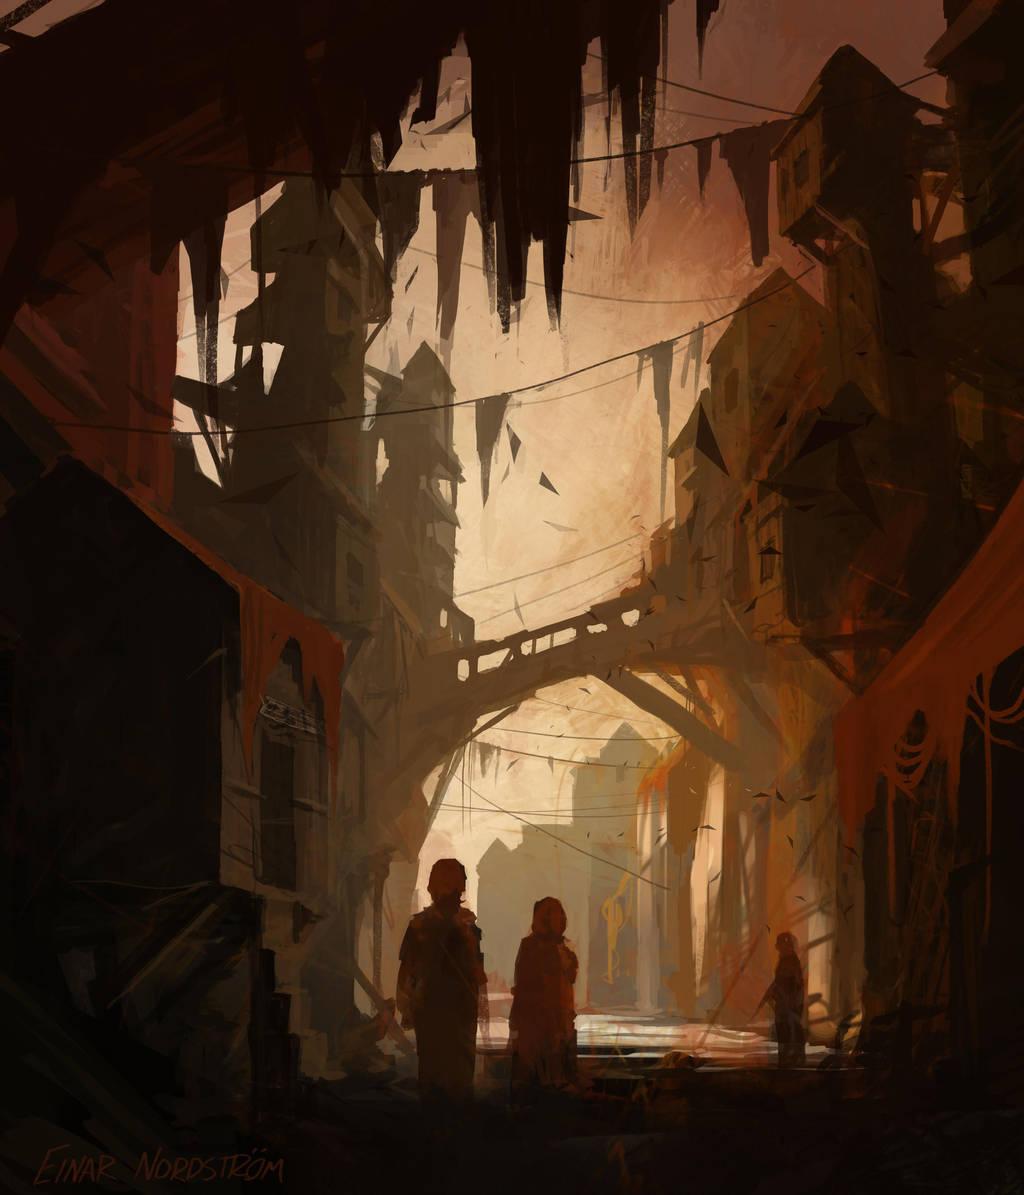 Gerbi Alley by EinarNordstrom